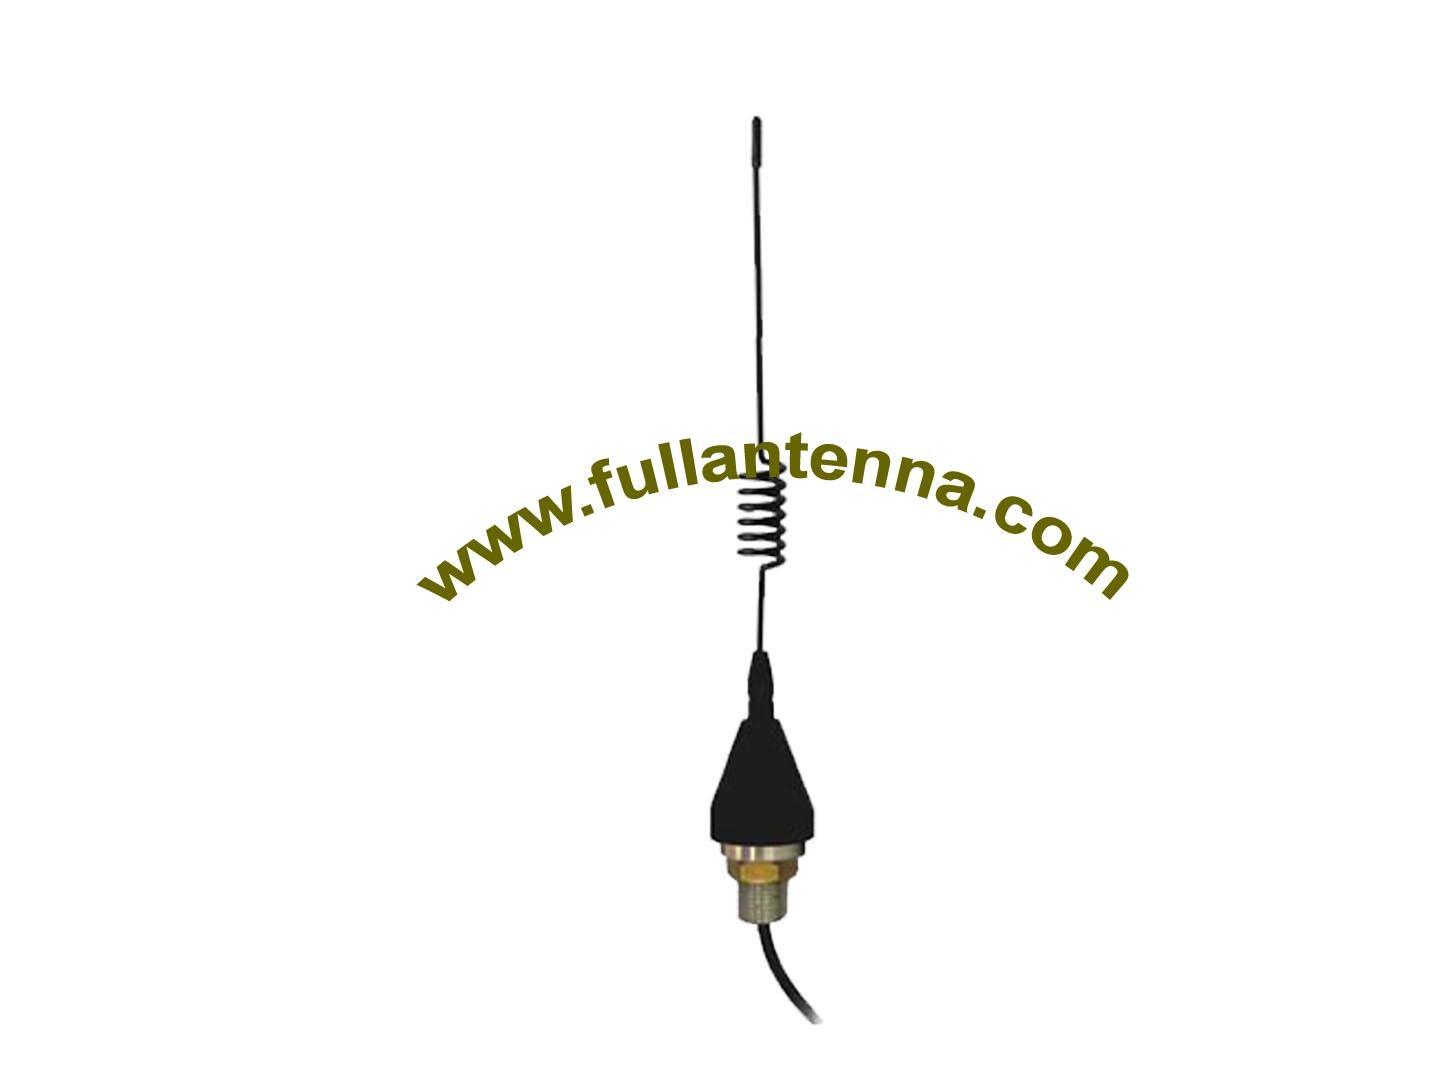 P/N:FA915.0603,915Mhz Antenna,whip 915mhz antenna screw mount